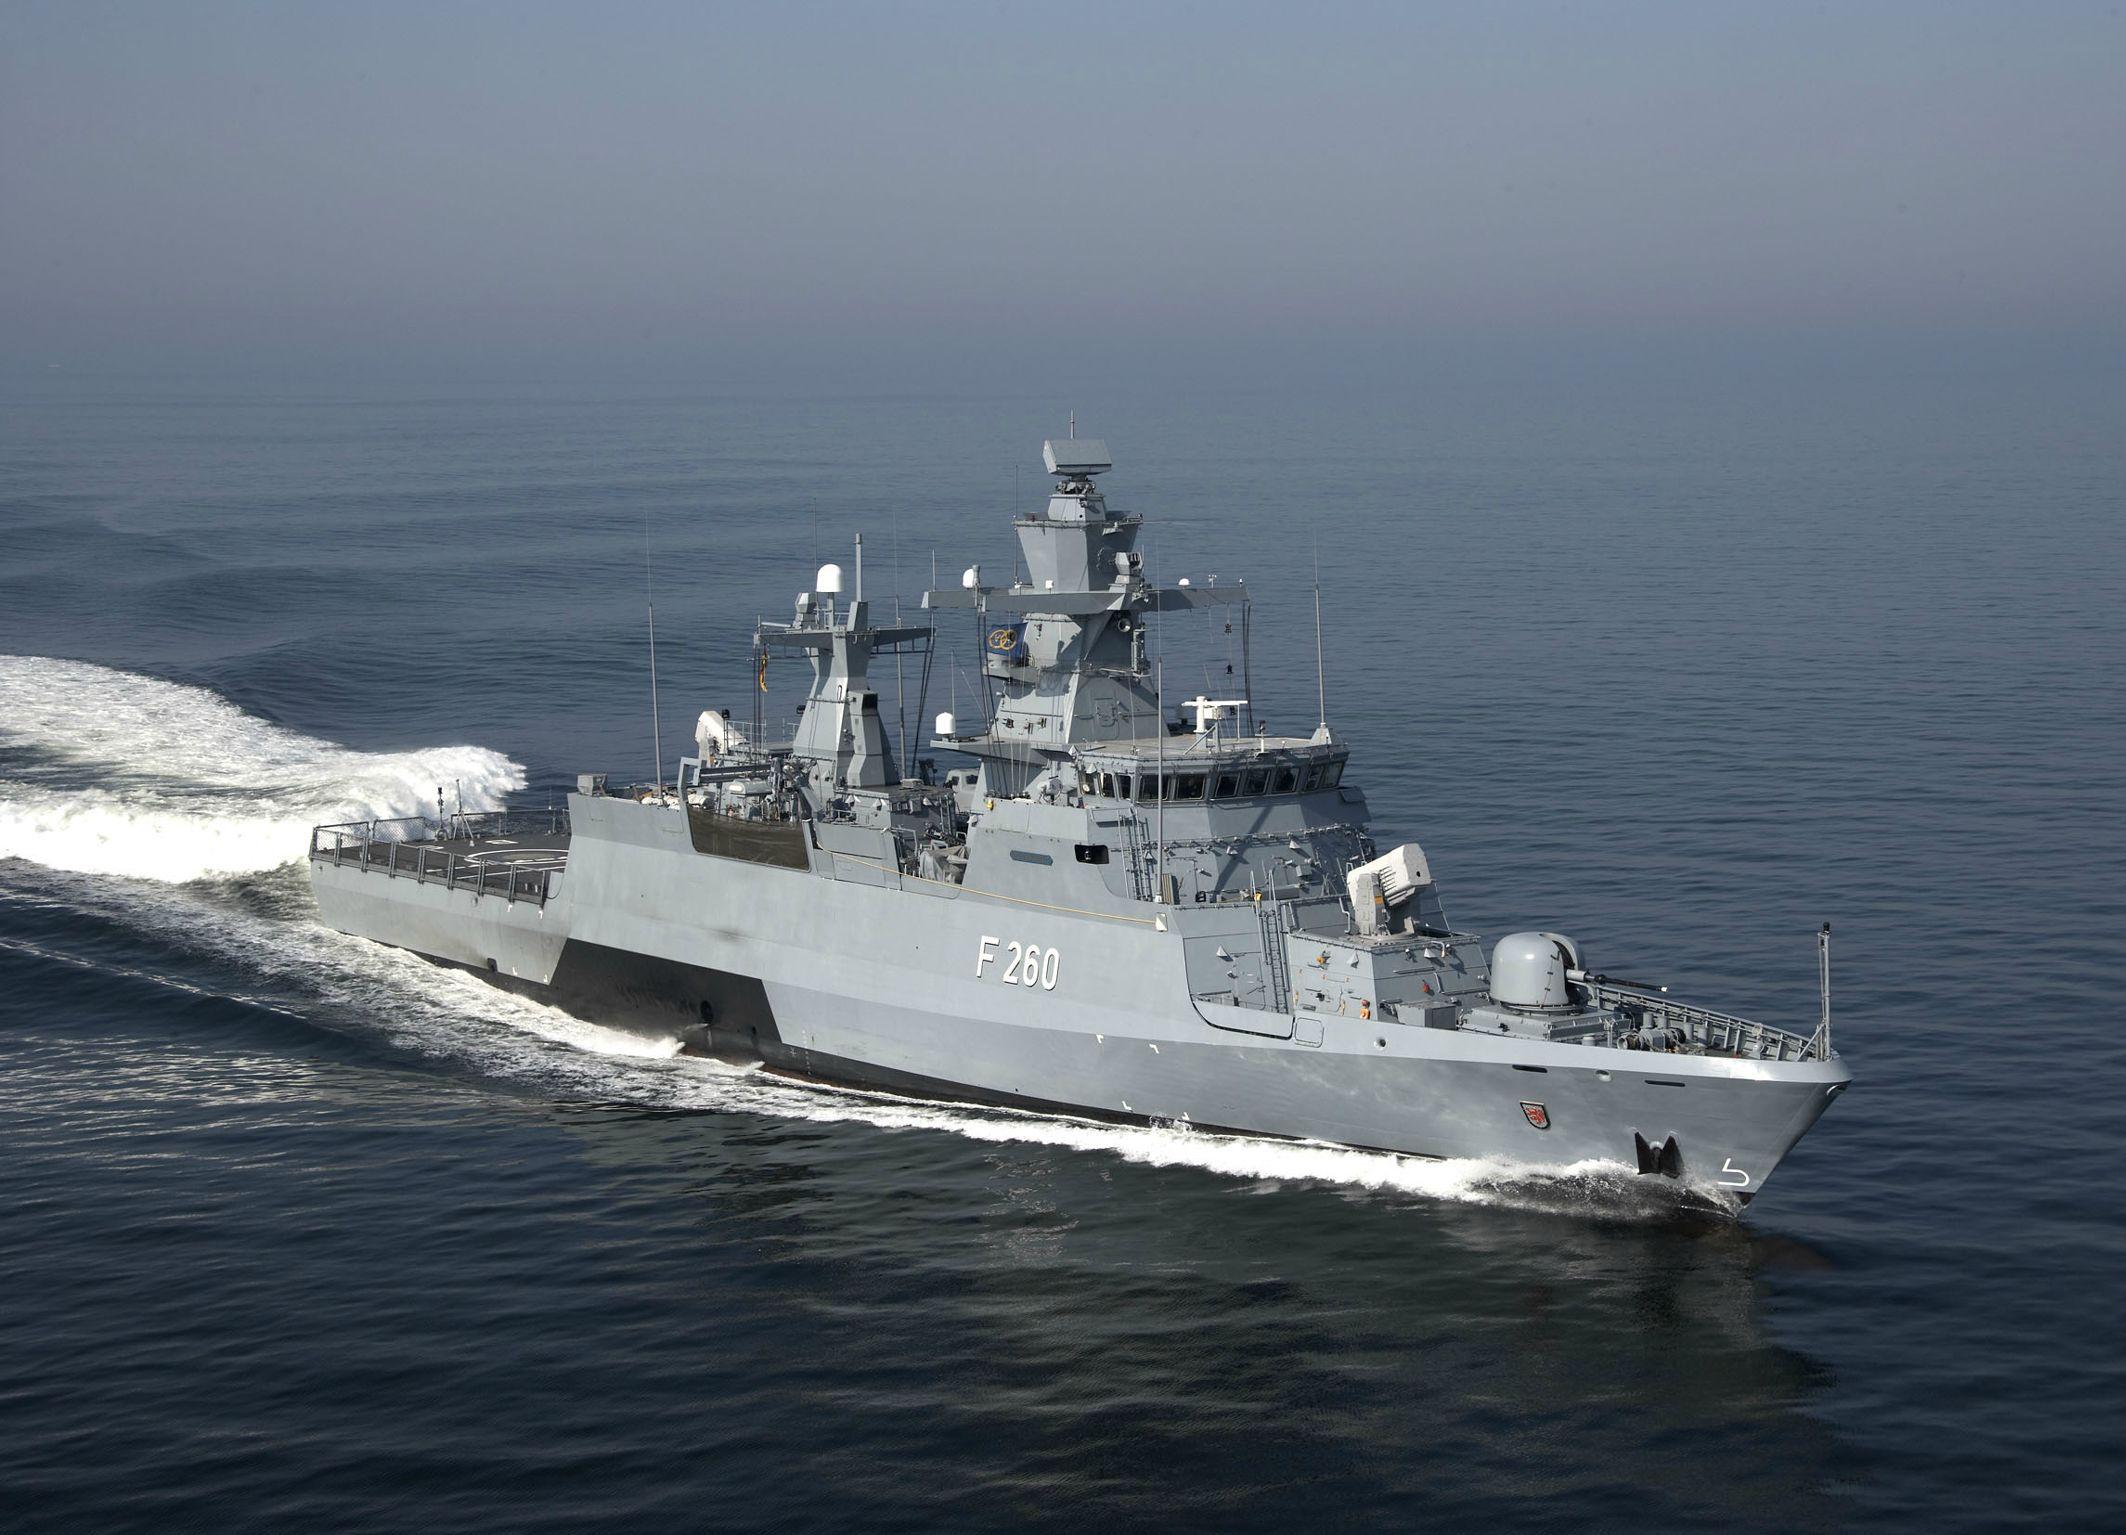 http://files.balancer.ru/forums/attaches/2013/05/27-3158594-corvette-k130.jpg